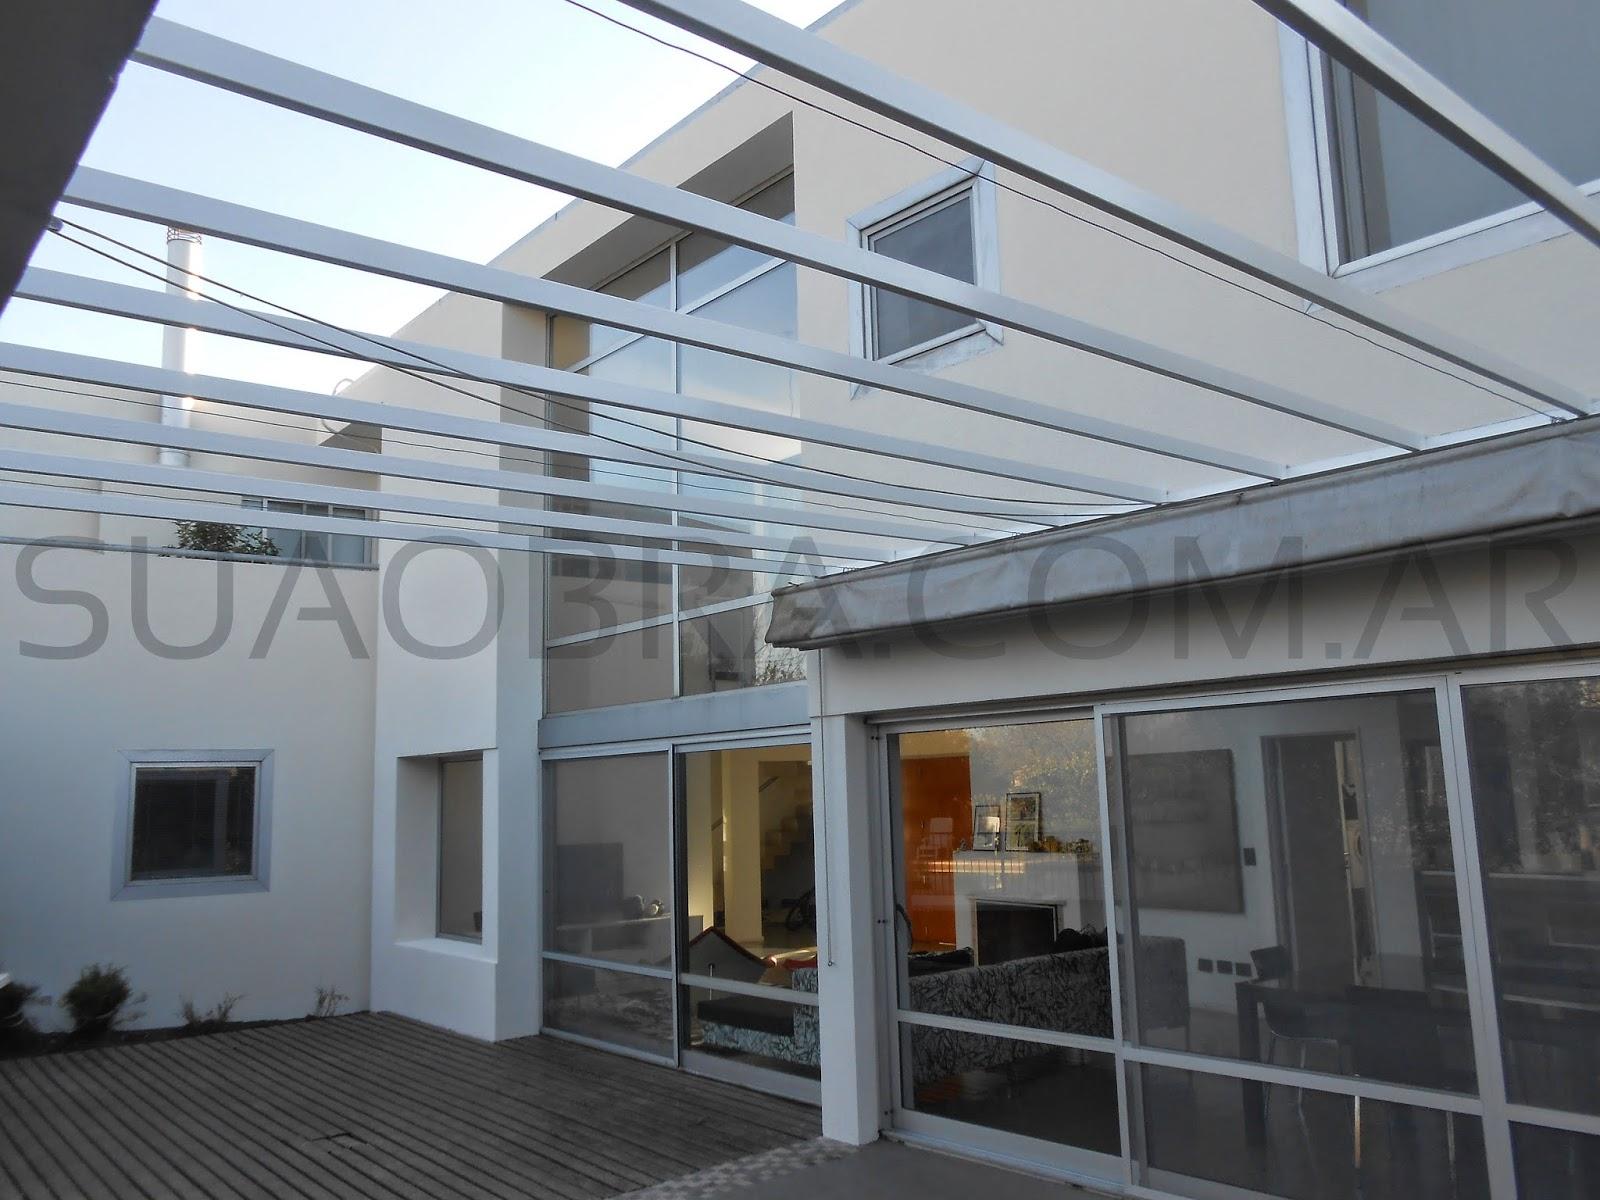 Revestimiento pl stico exterior vadex sobre for Revestimiento plastico para paredes